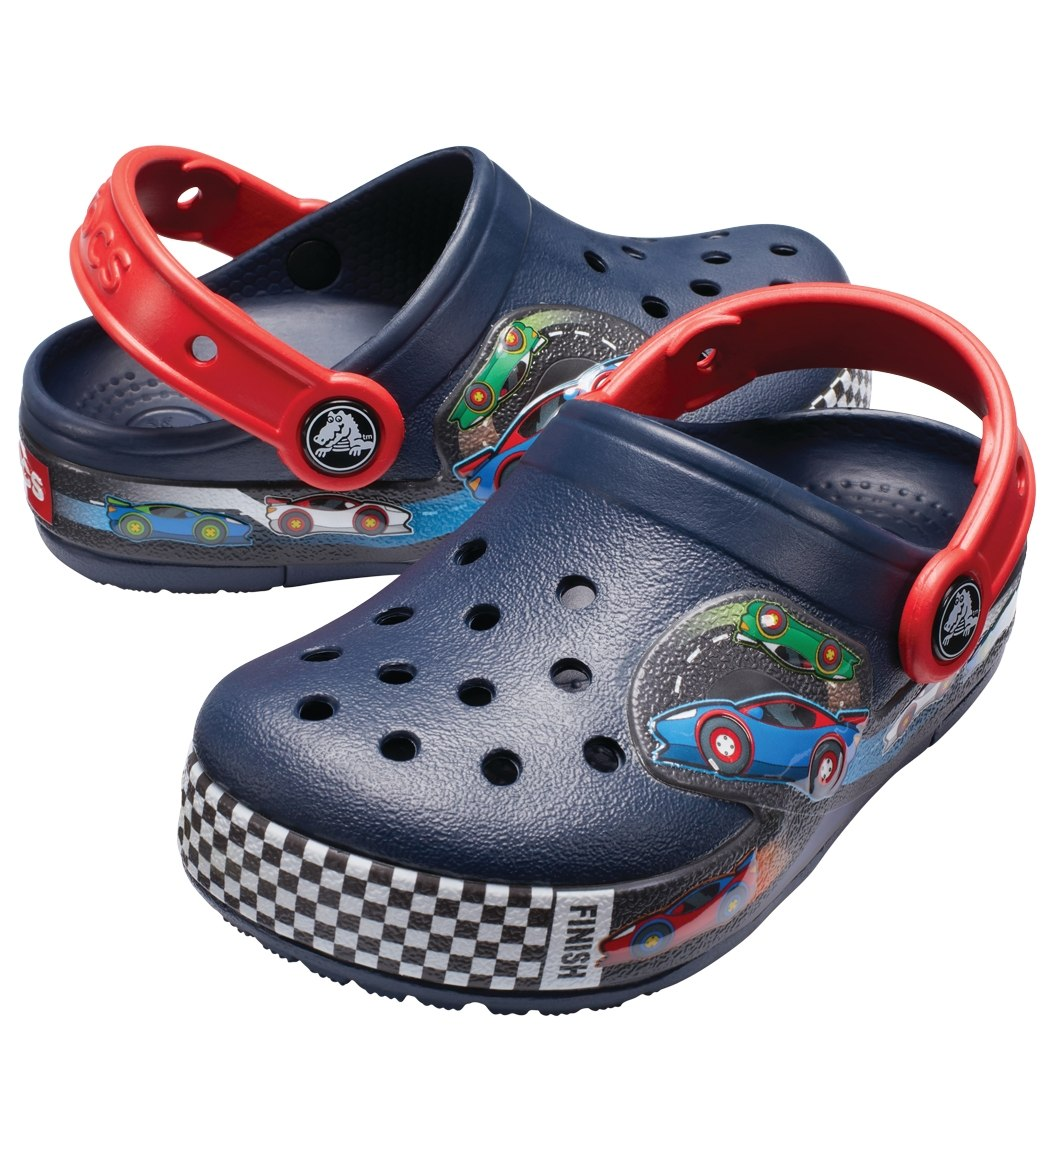 bd695c5cabaa Crocs Boys  Crocband Fun Lab Lights Clog (Toddler